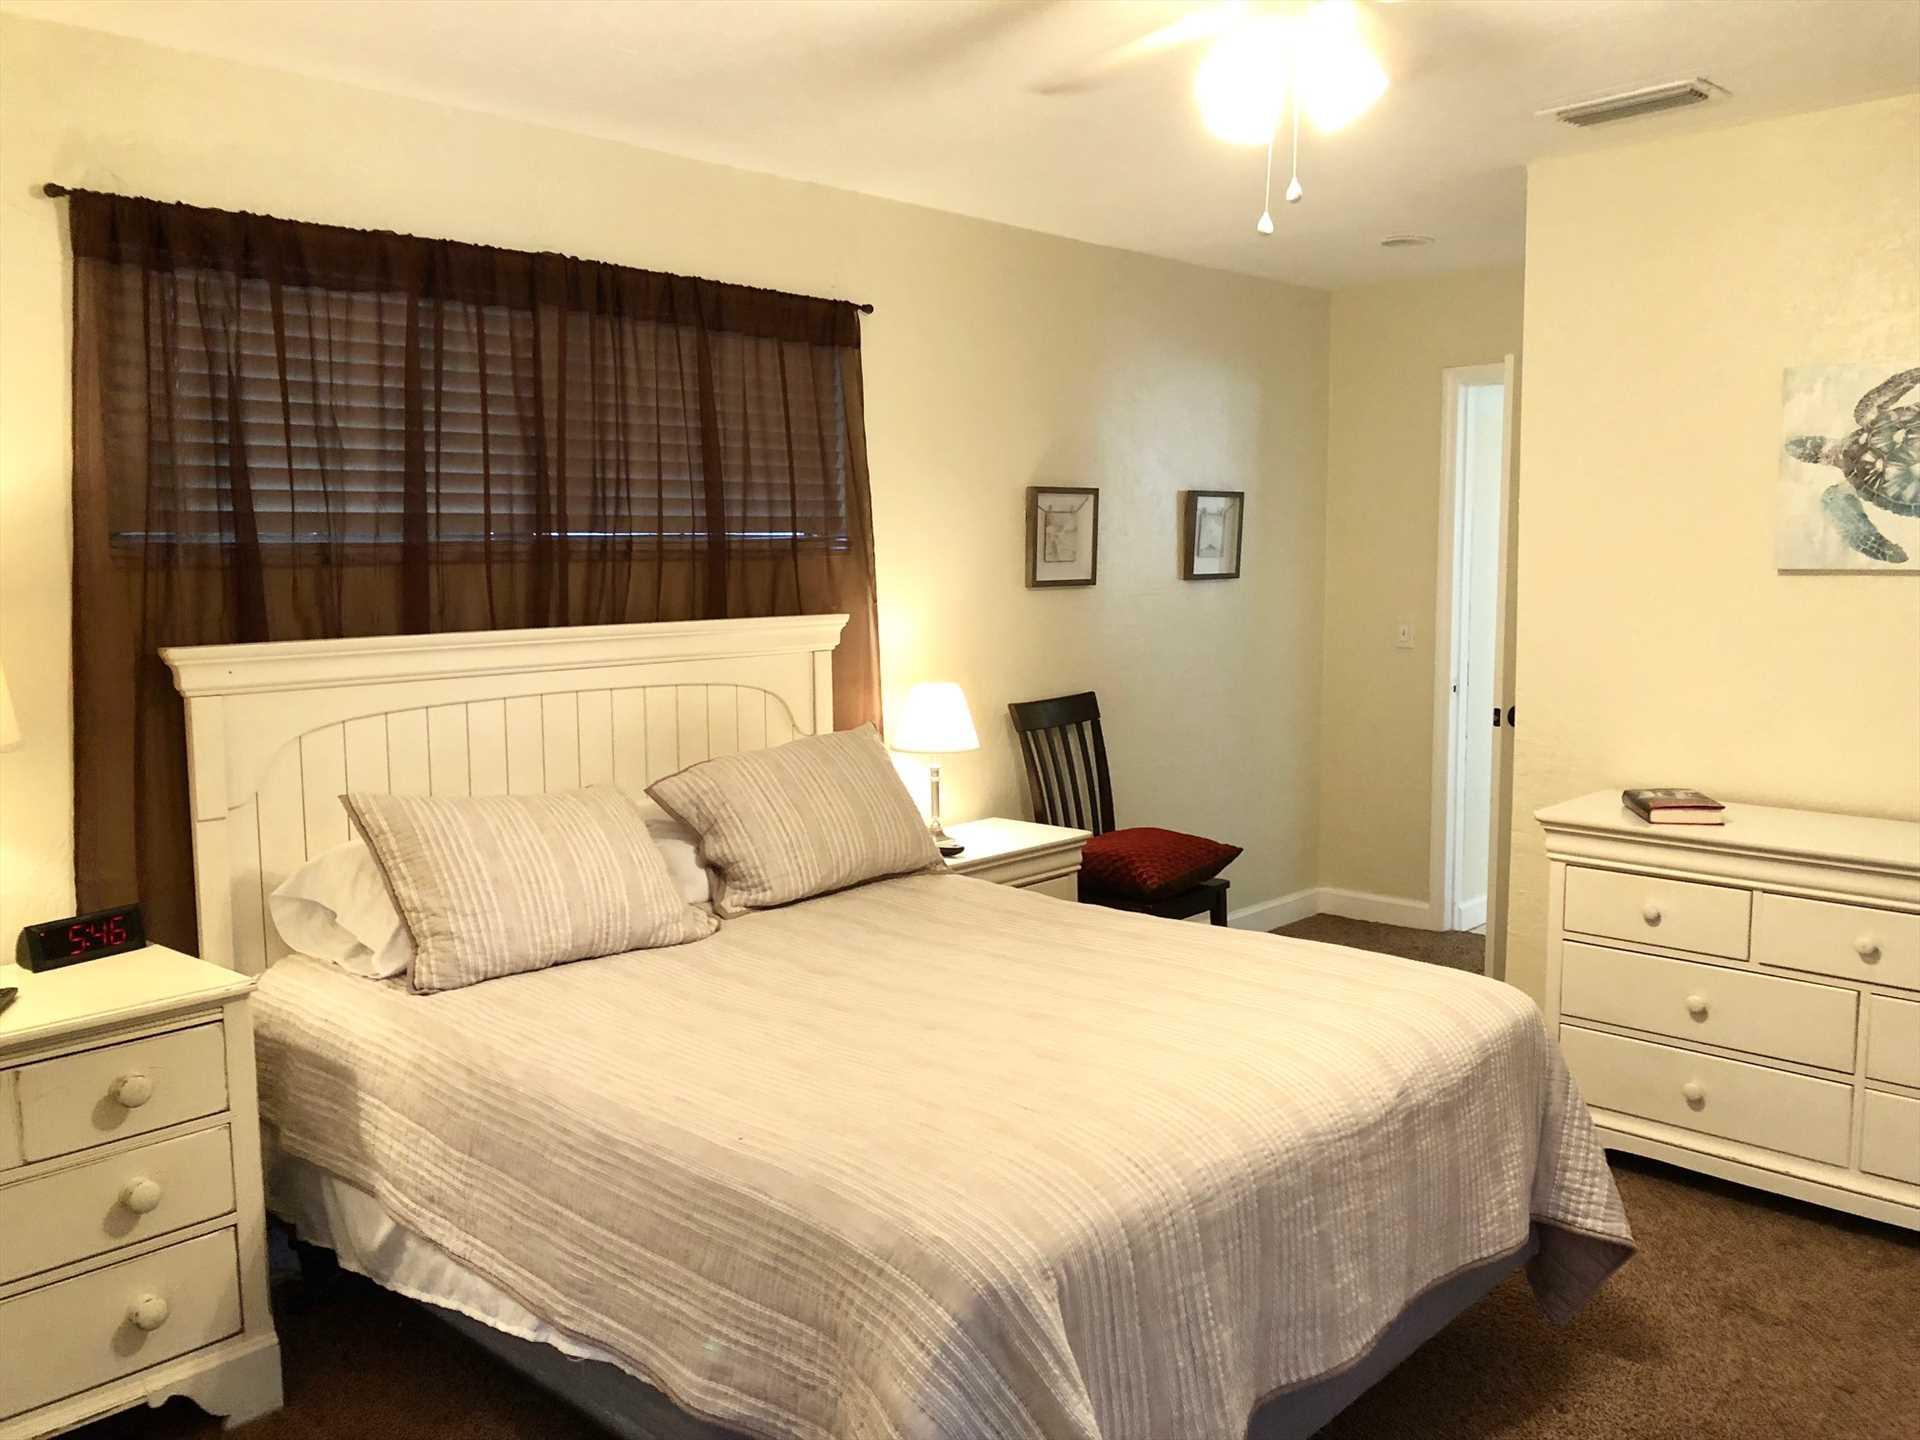 Master bedroom has queen bed and walk in closet.